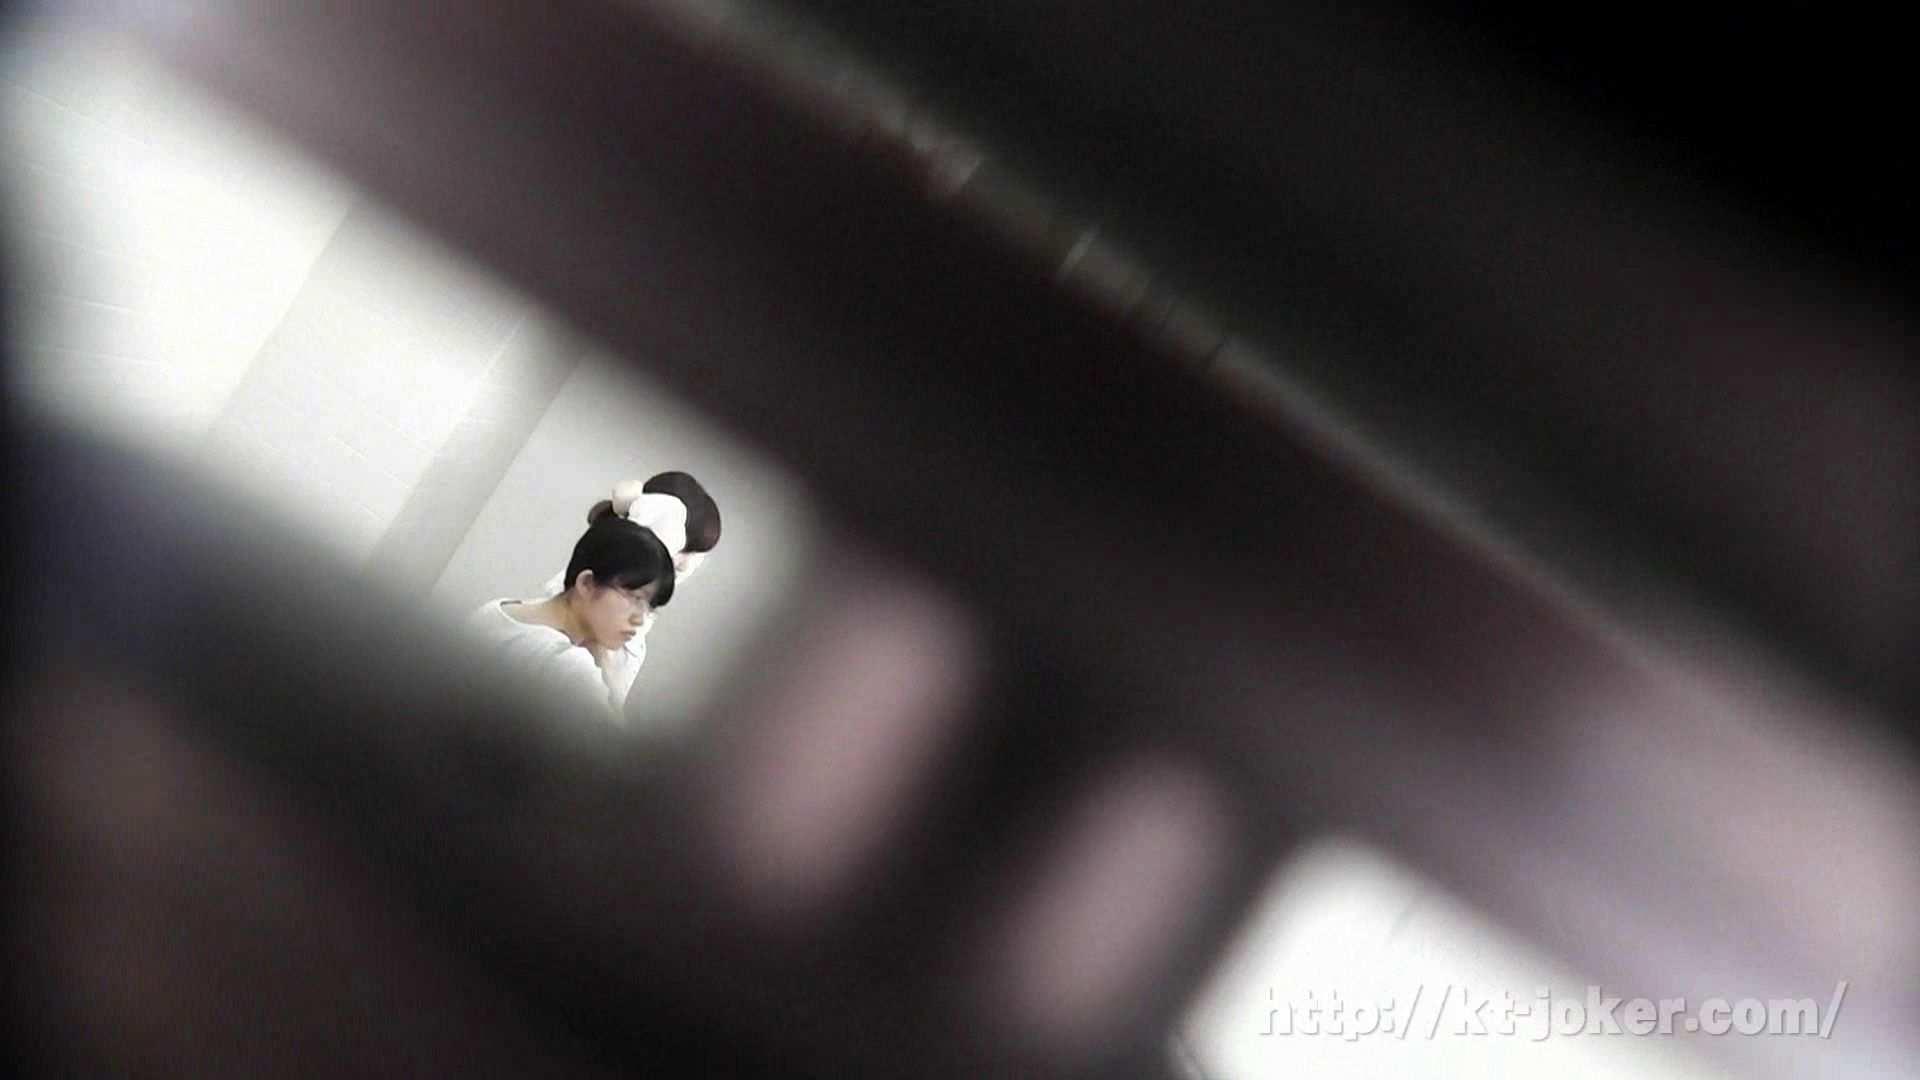 命がけ潜伏洗面所! vol.69 あのかわいい子がついフロント撮り実演 OLヌード天国 えろ無修正画像 83PIX 5